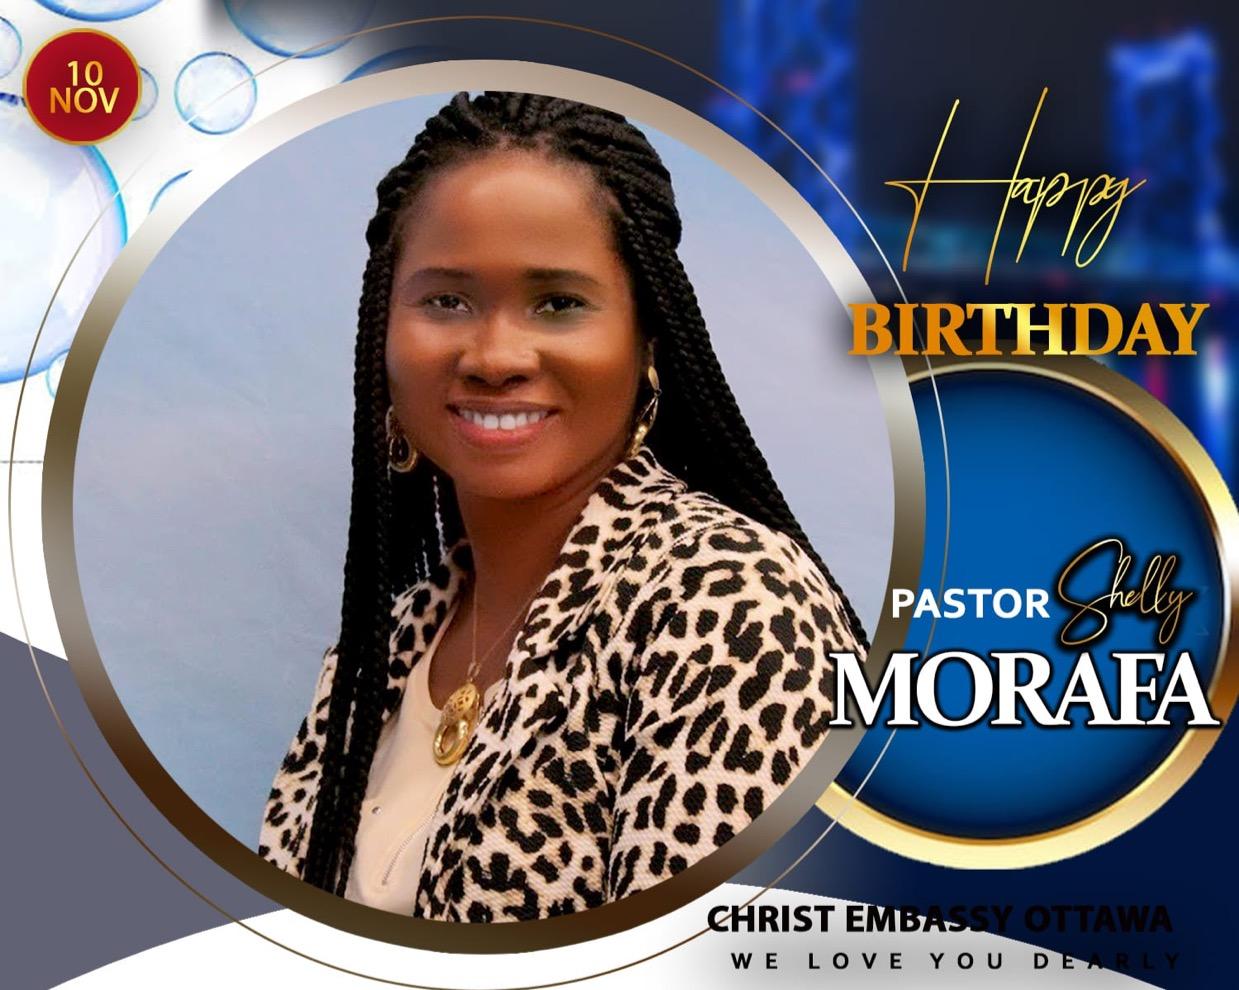 Happy Birthday Dear Pastor Shelly